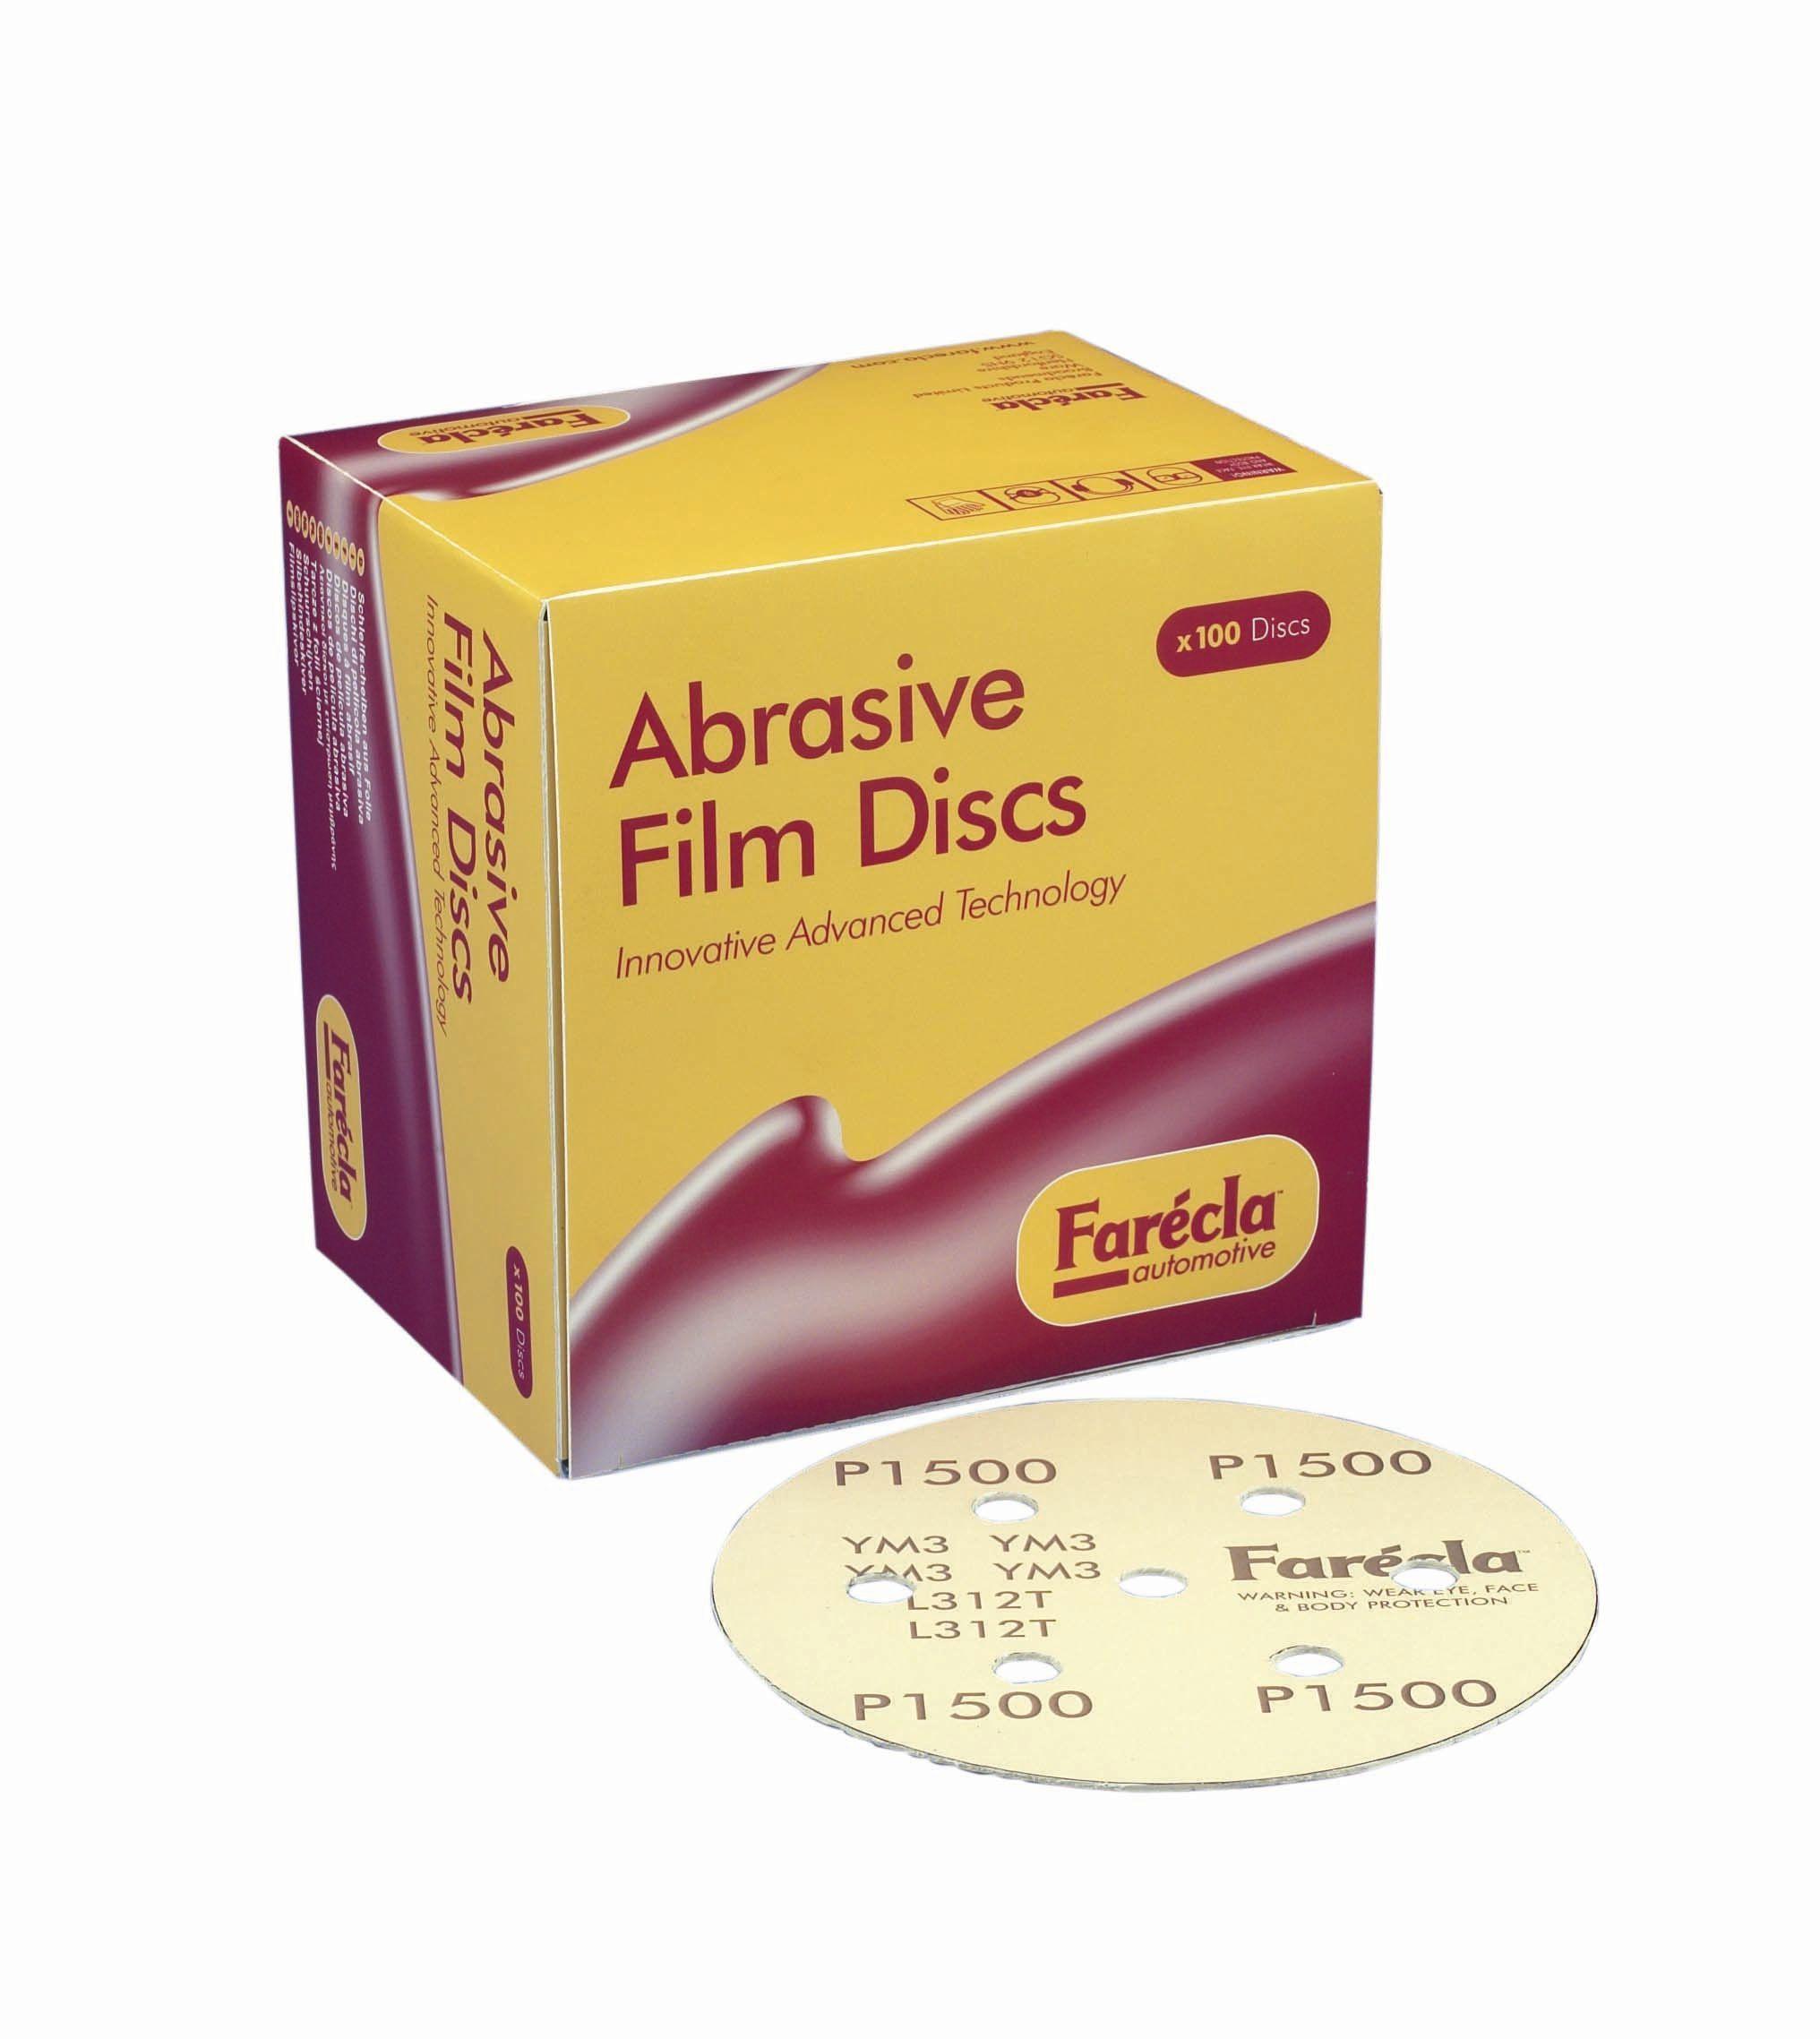 Farecla Abrasive Film Discs